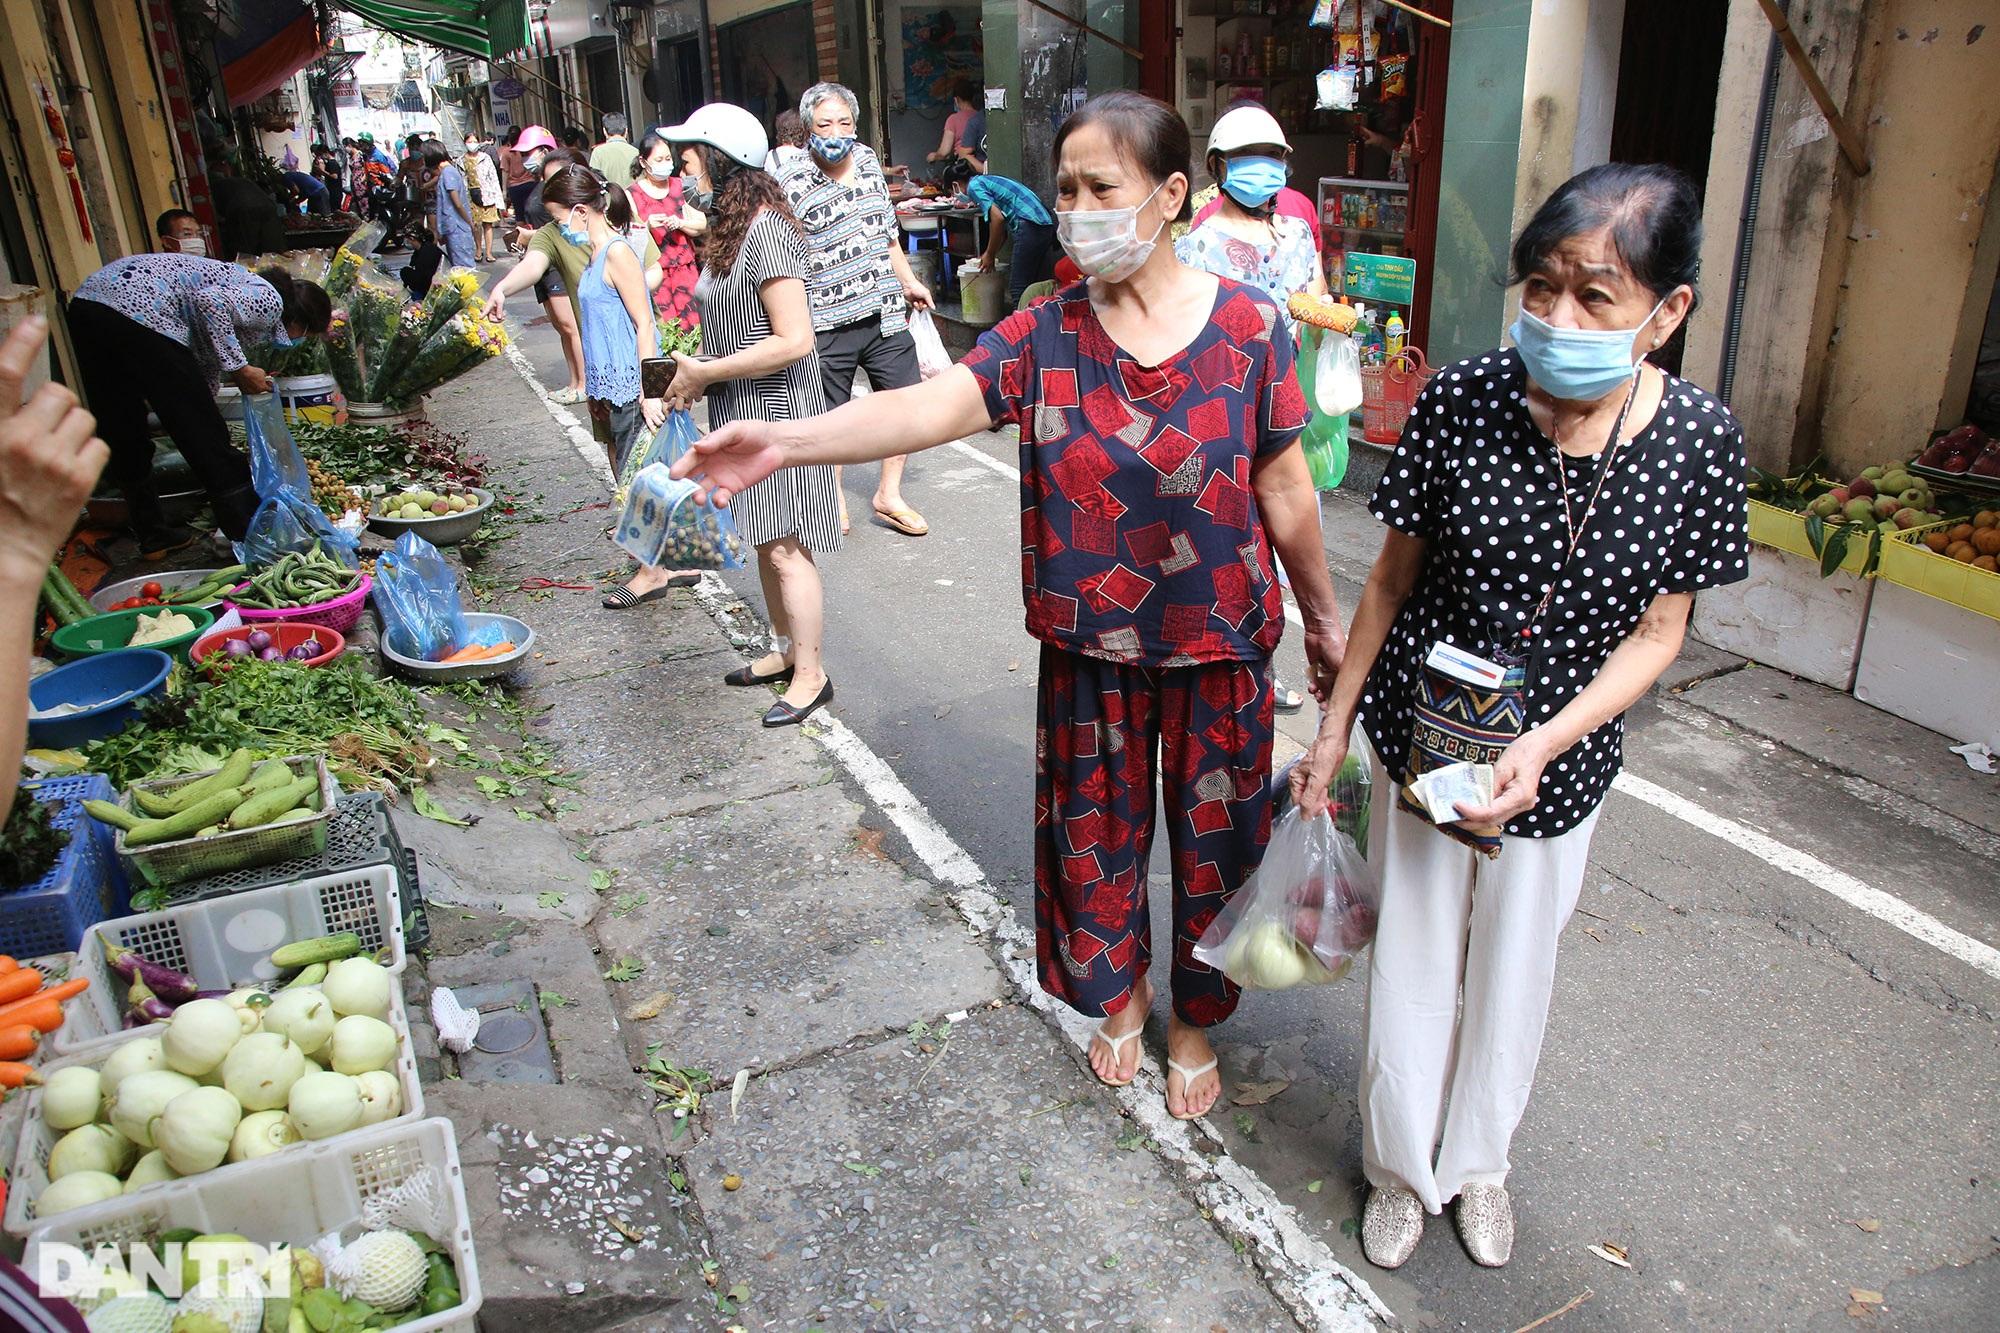 Hà Nội ngày đầu thực hiện Chỉ thị 16: Đường phố vắng, chợ dân sinh đông đúc - 16